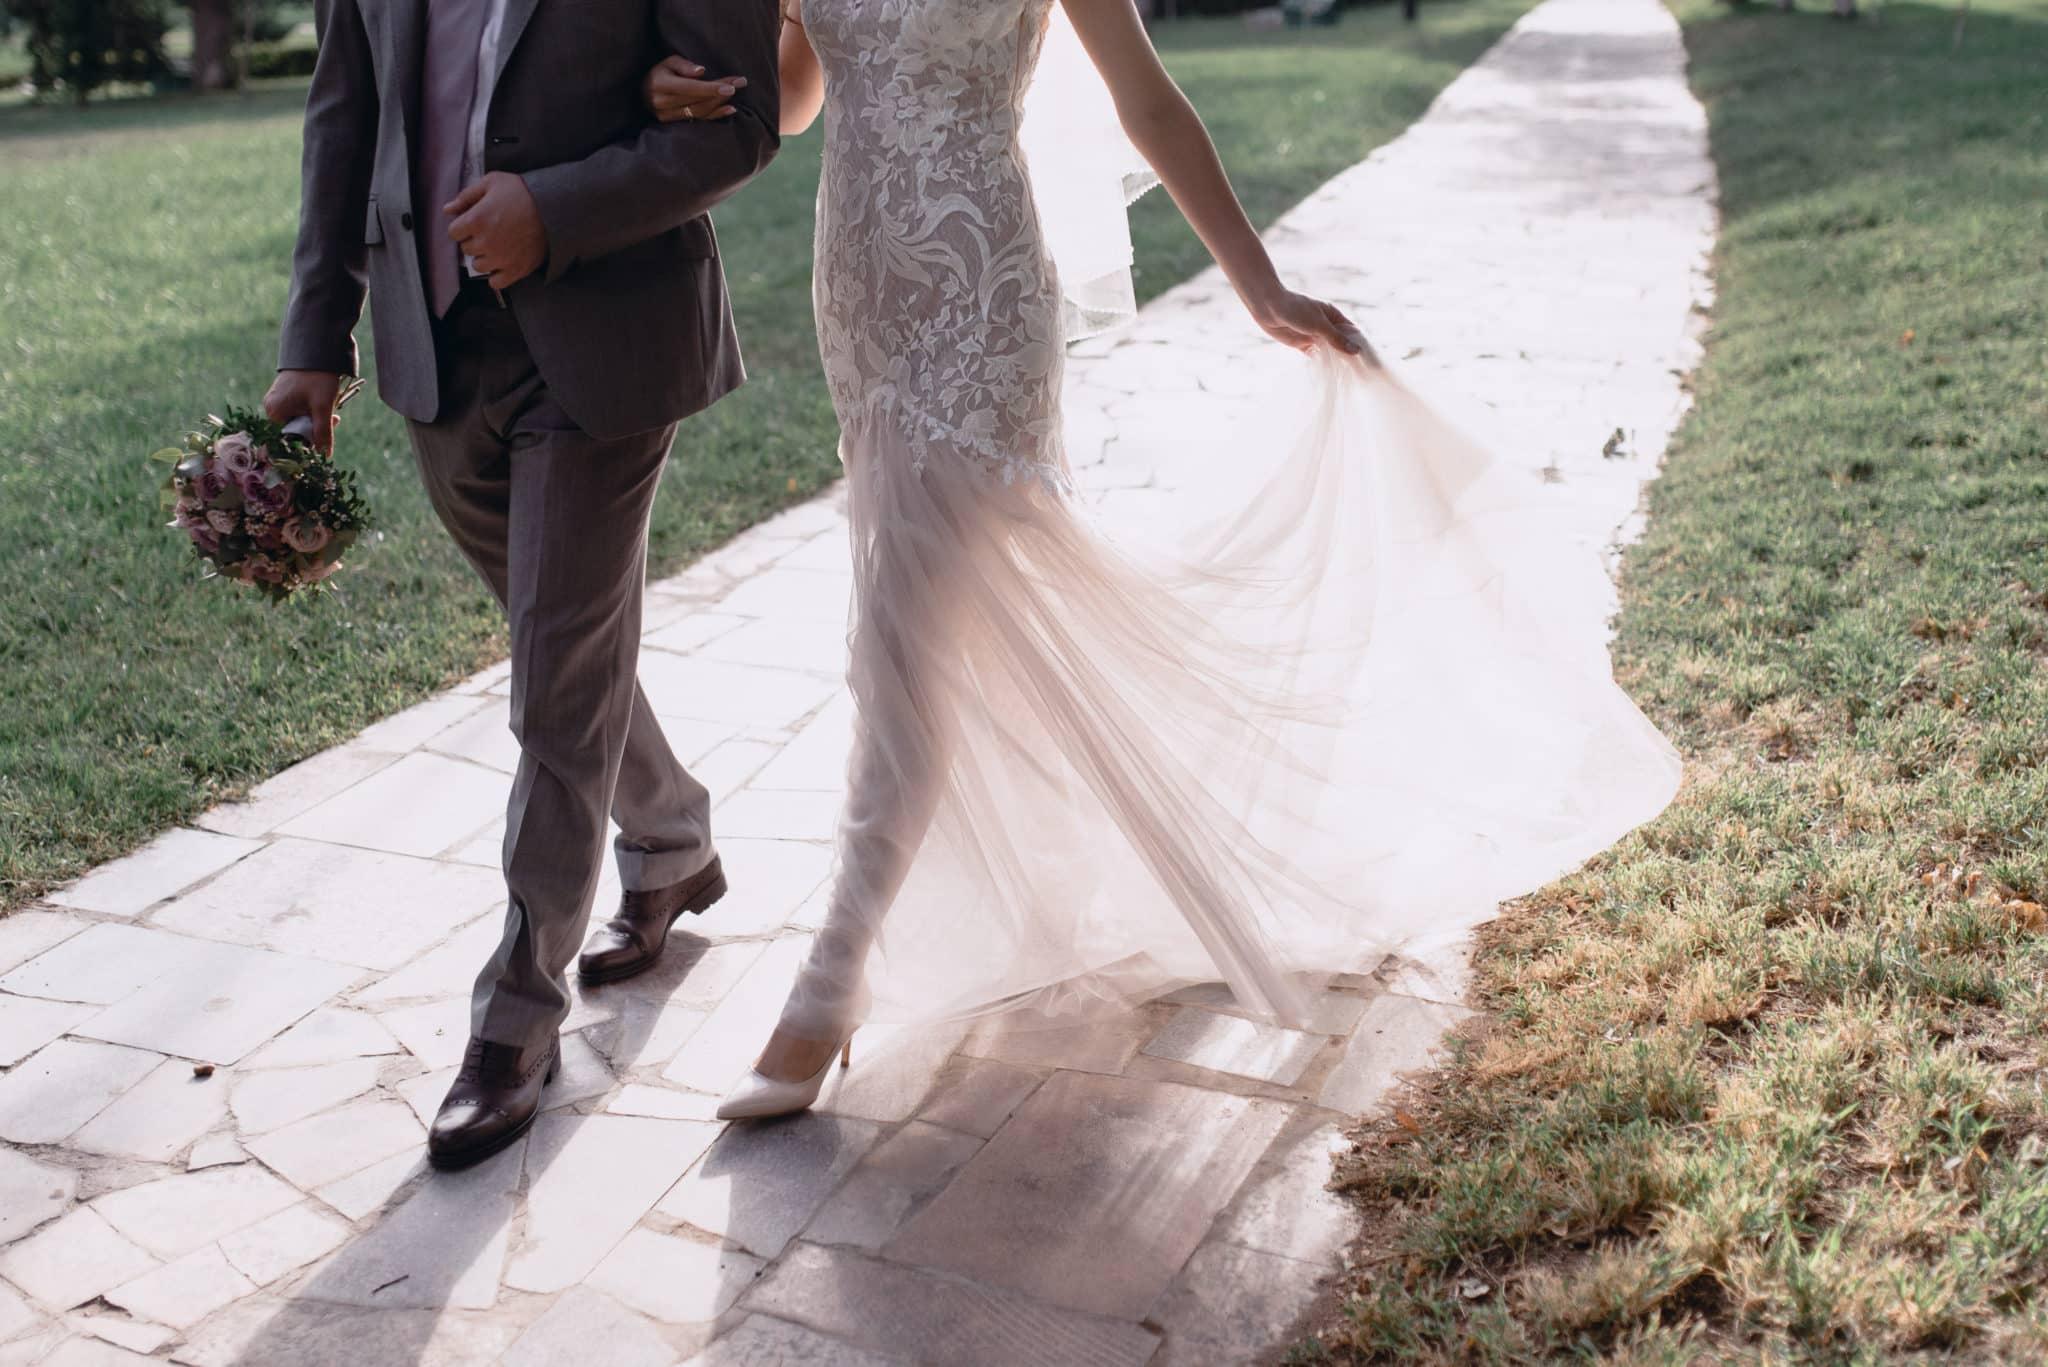 結婚式の幸せな花嫁と花婿 | 国際結婚フィリピン